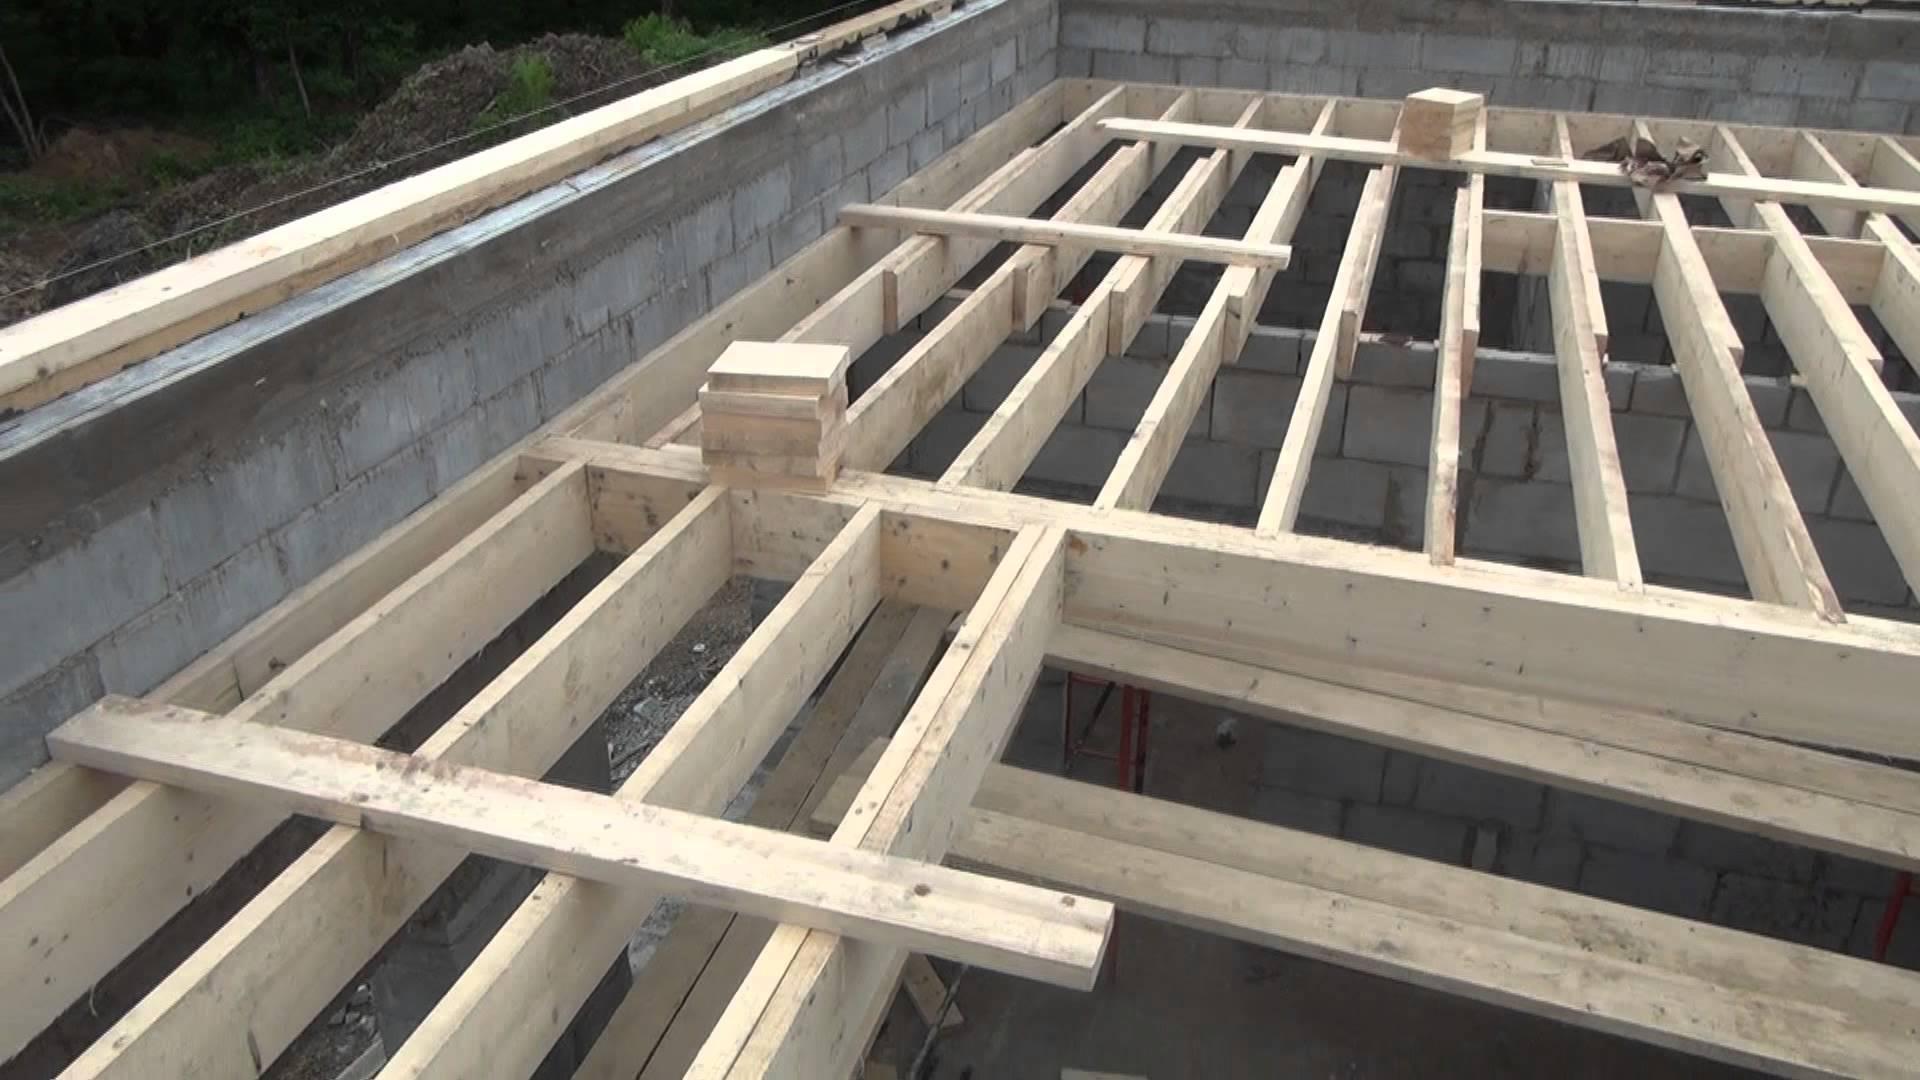 Монтаж деревянных перекрытий - важный этап в строительстве дома